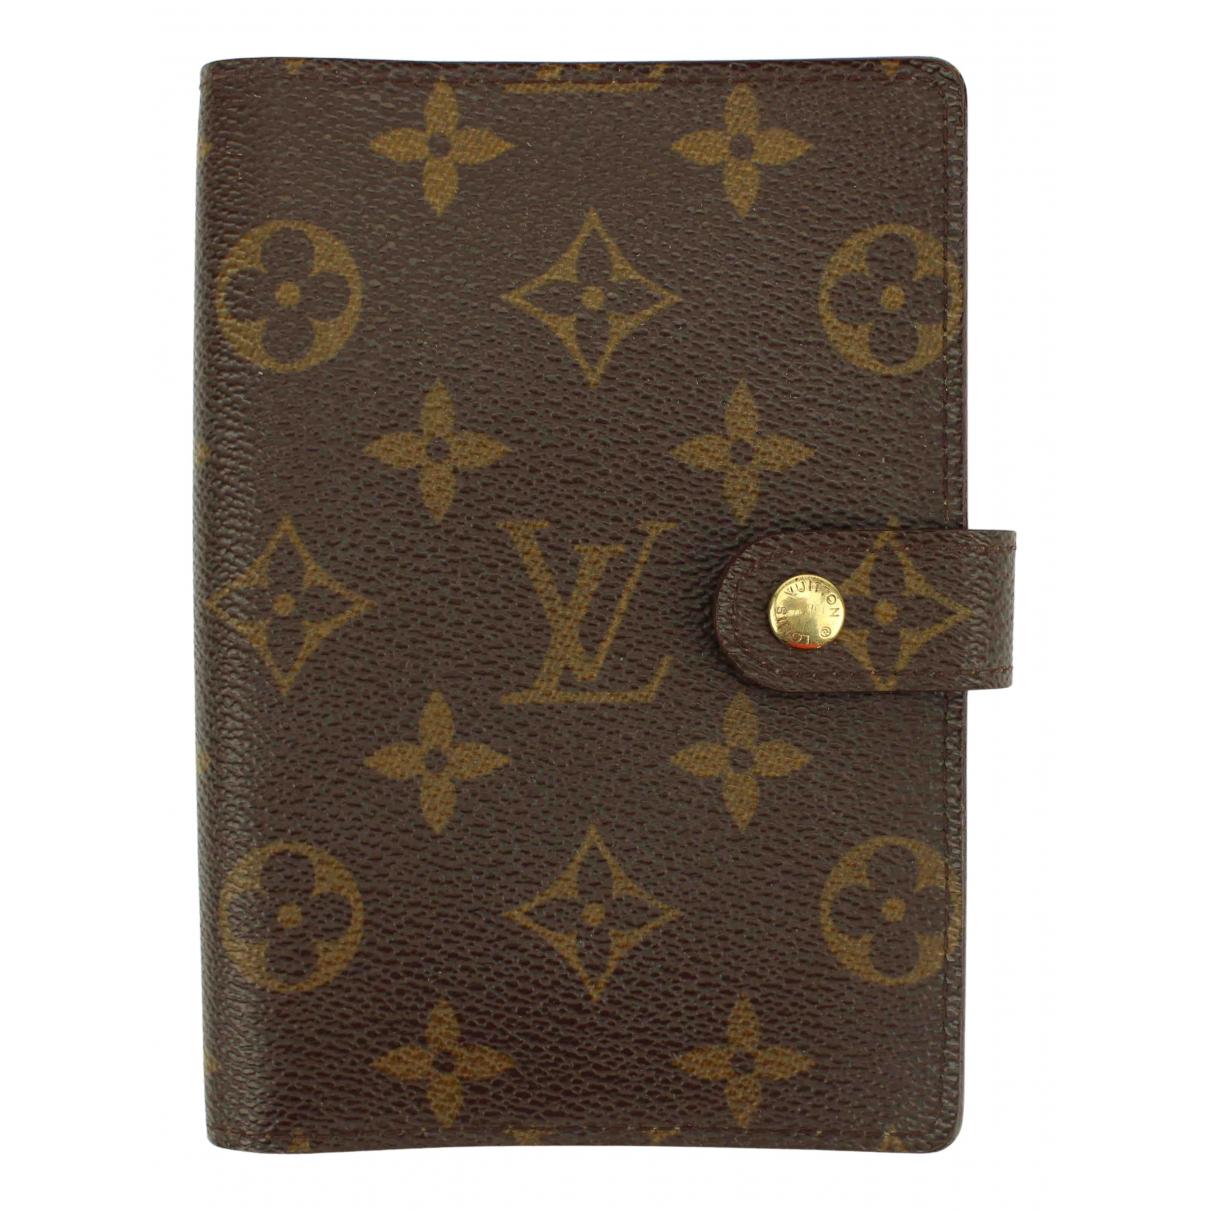 Louis Vuitton - Objets & Deco Couverture d'agenda PM pour lifestyle en toile - marron